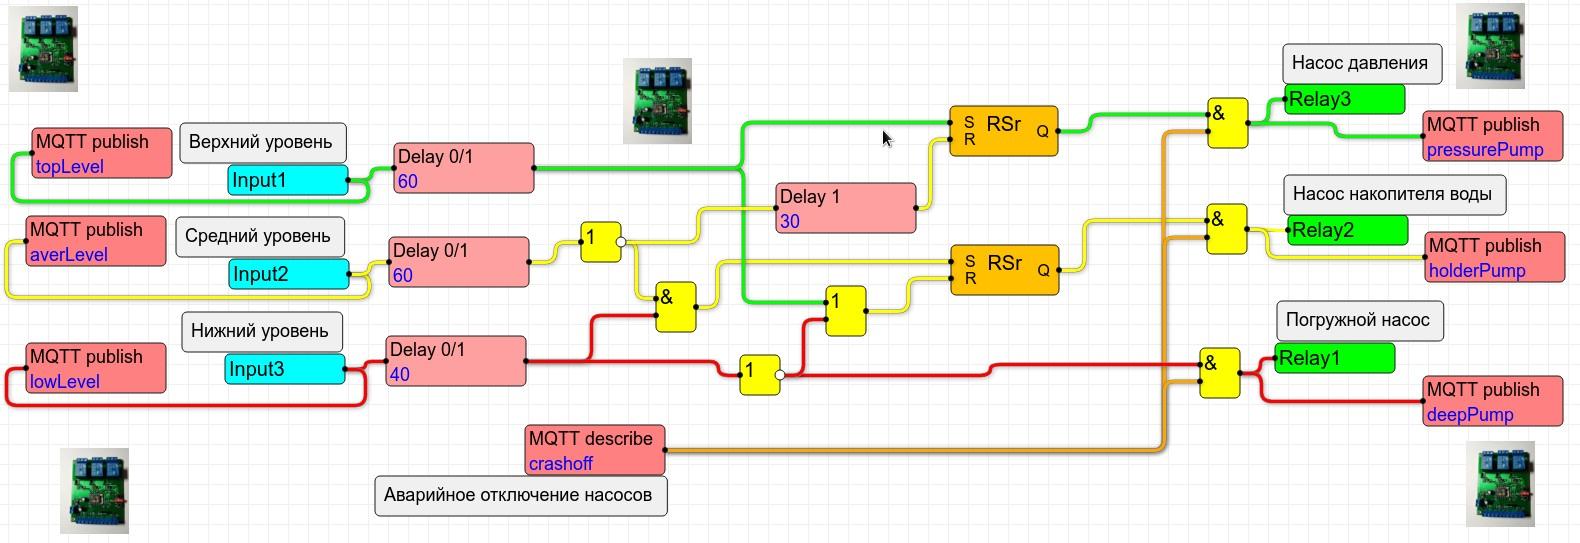 ShIoTiny: узлы, связи и события или особенности рисования программ